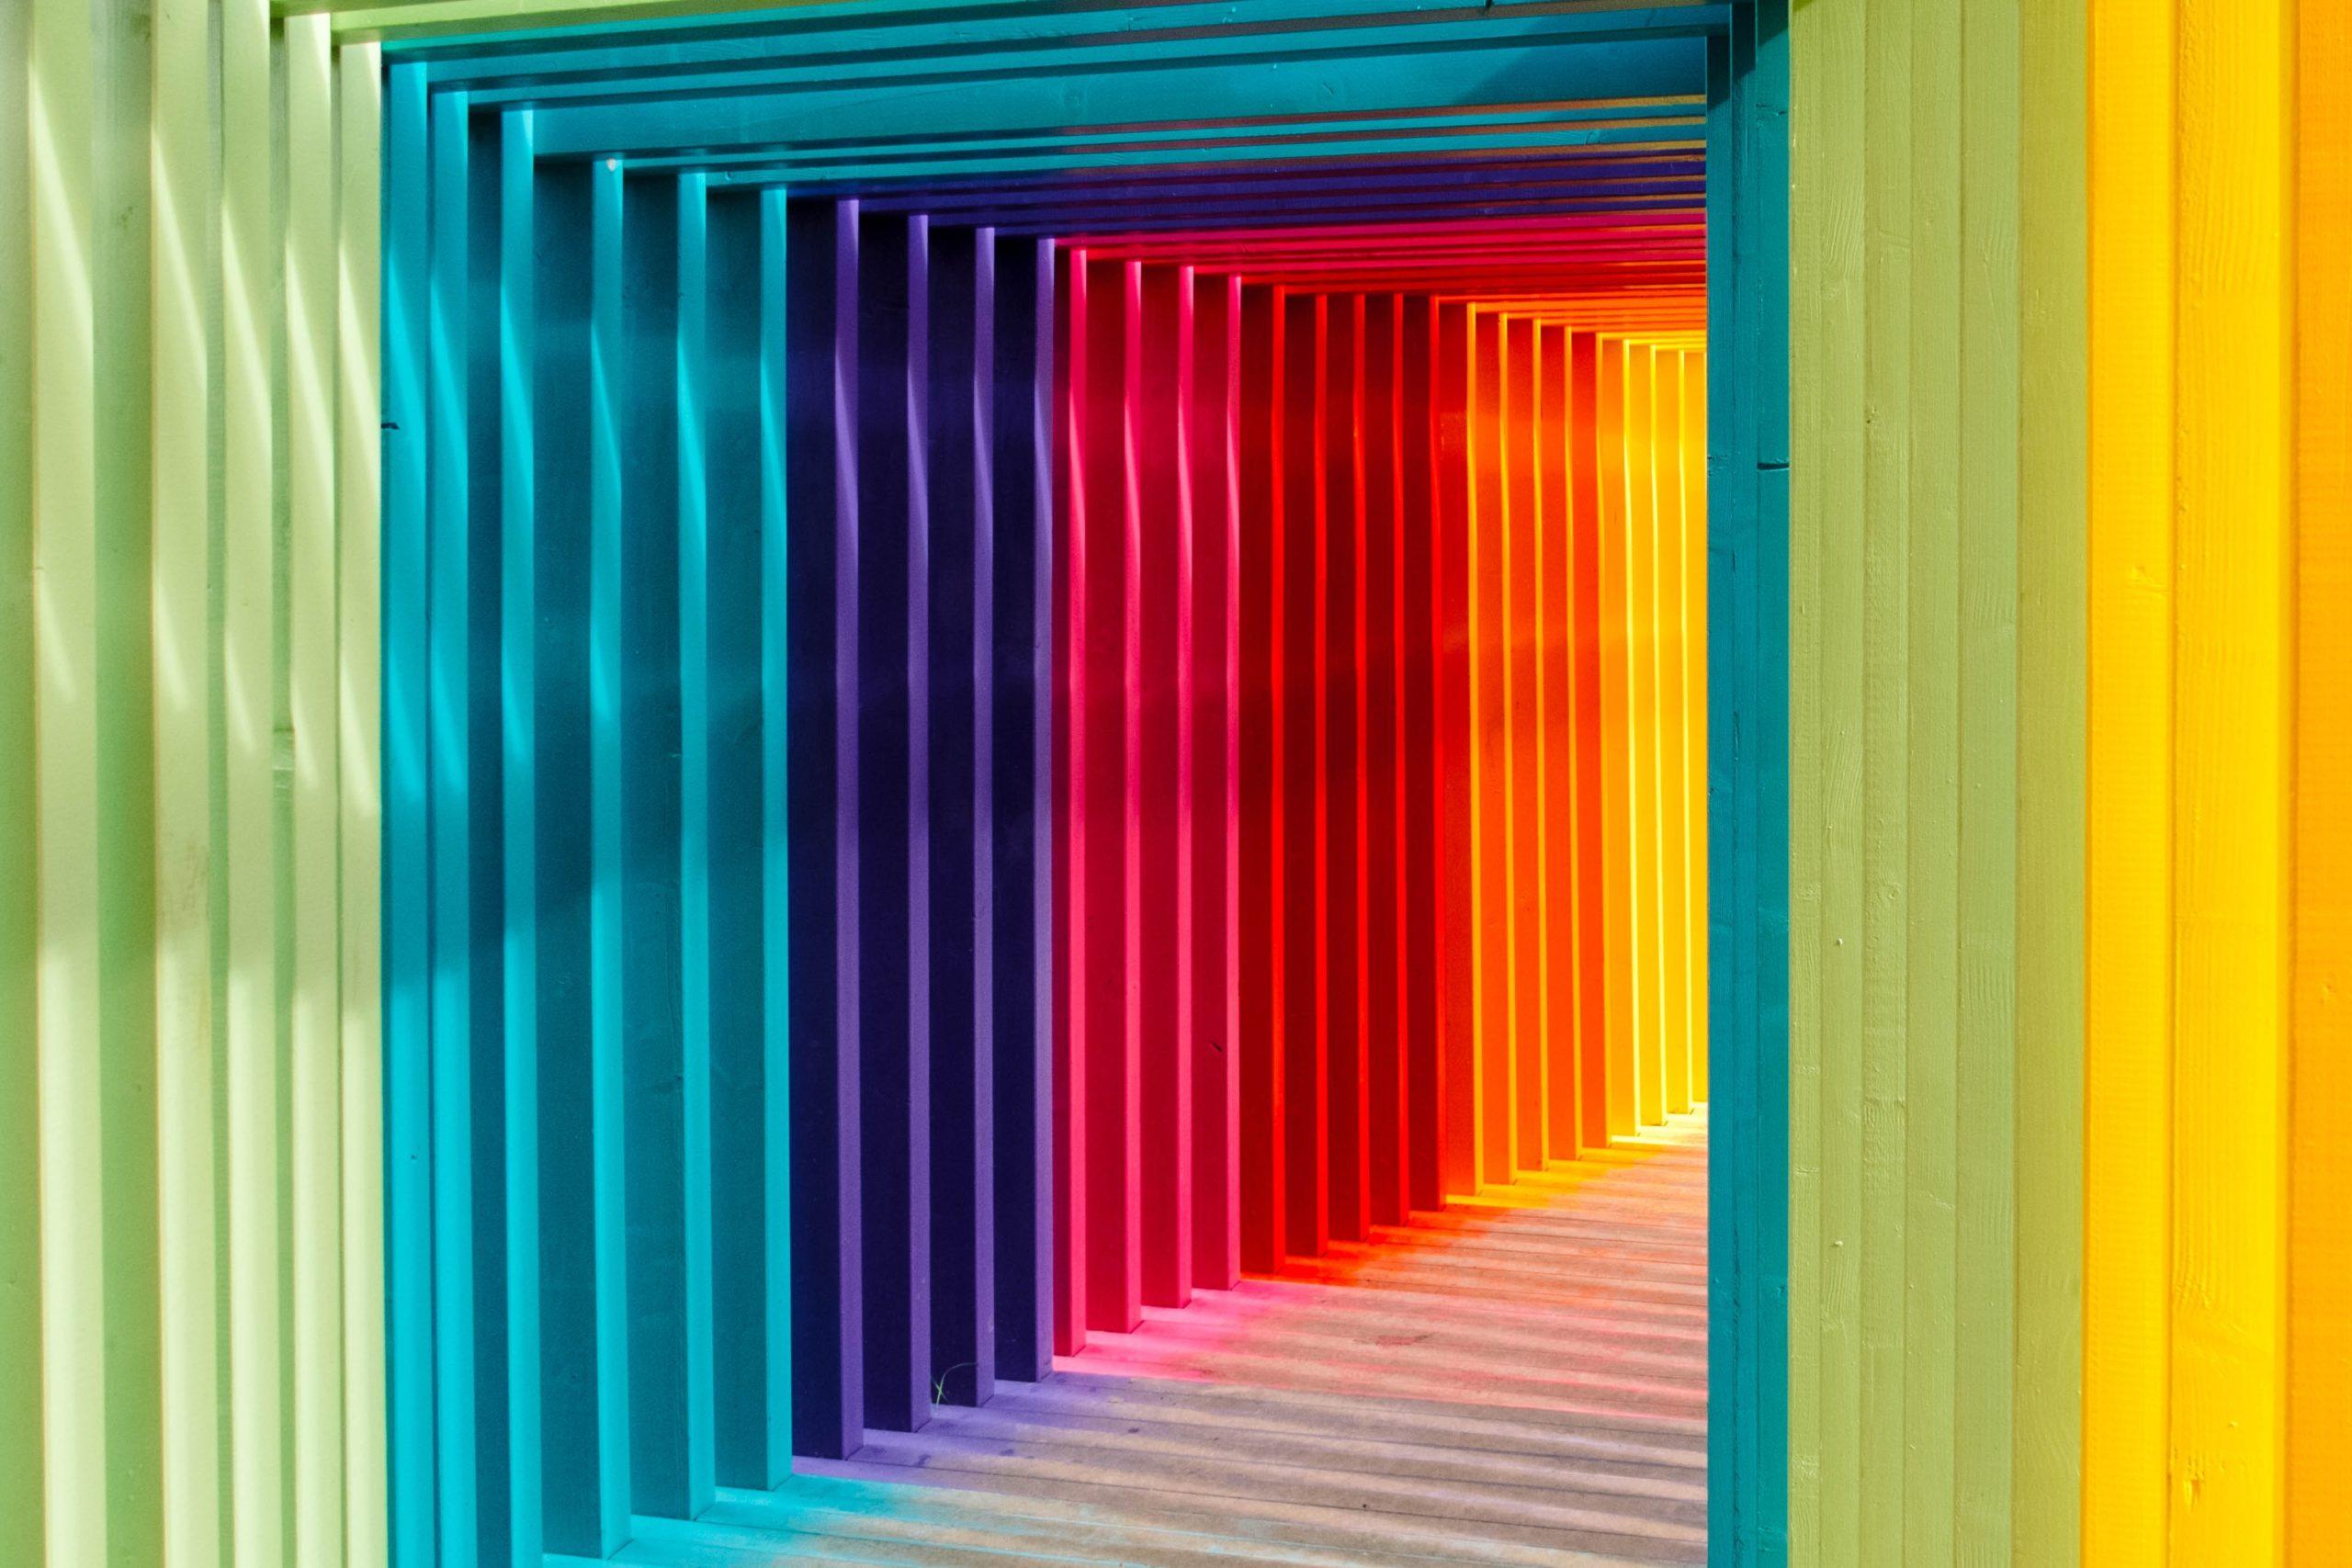 diseño-gráfico-psicología-color